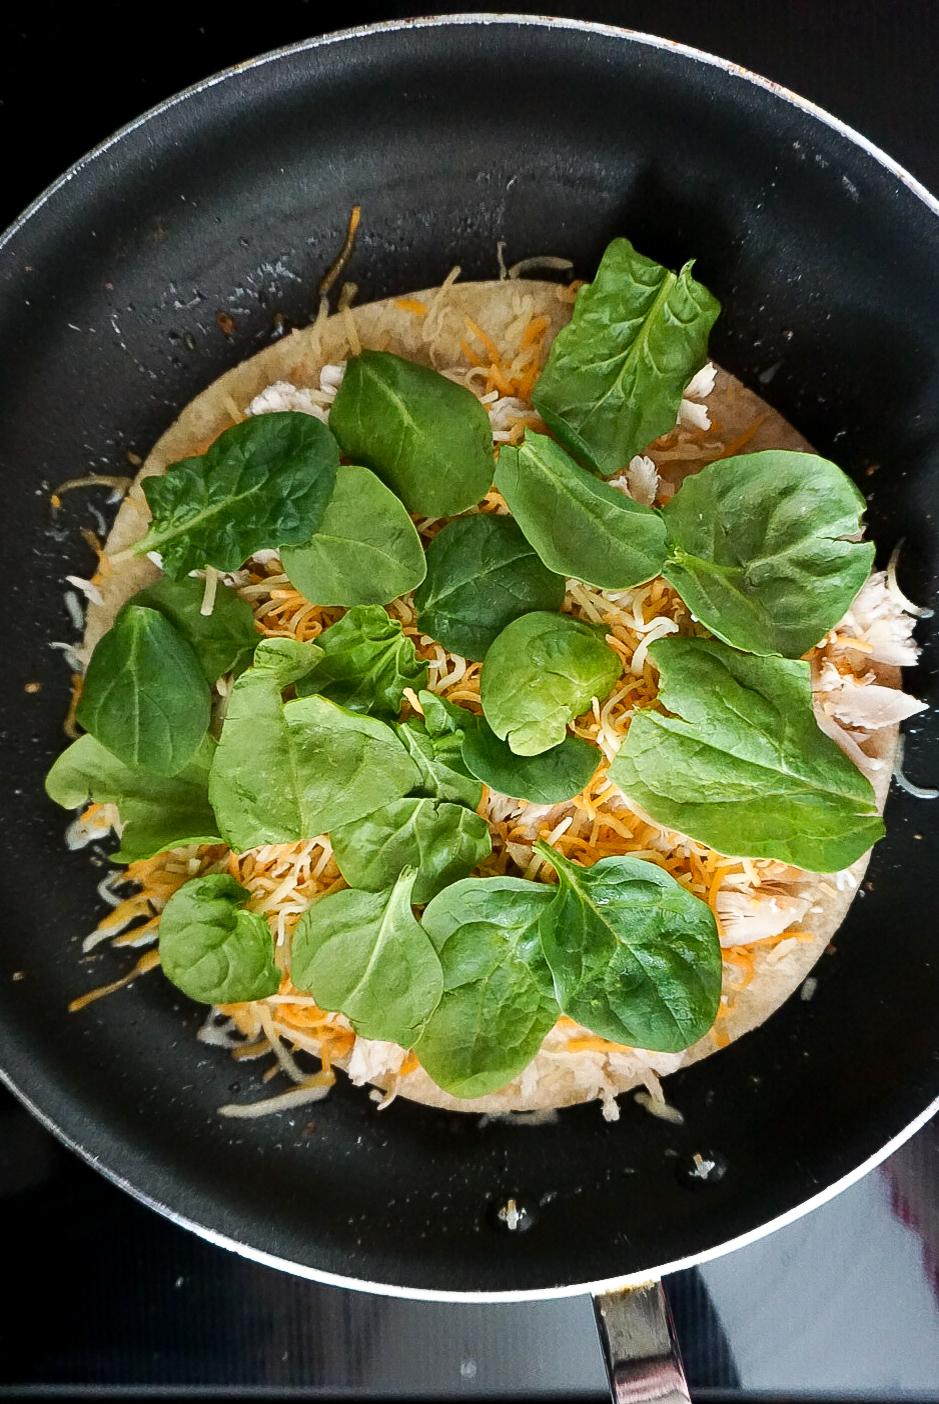 healthy chicken recipes, healthy chicken quesadillas, chicken, cheese, and spinach quesadillas